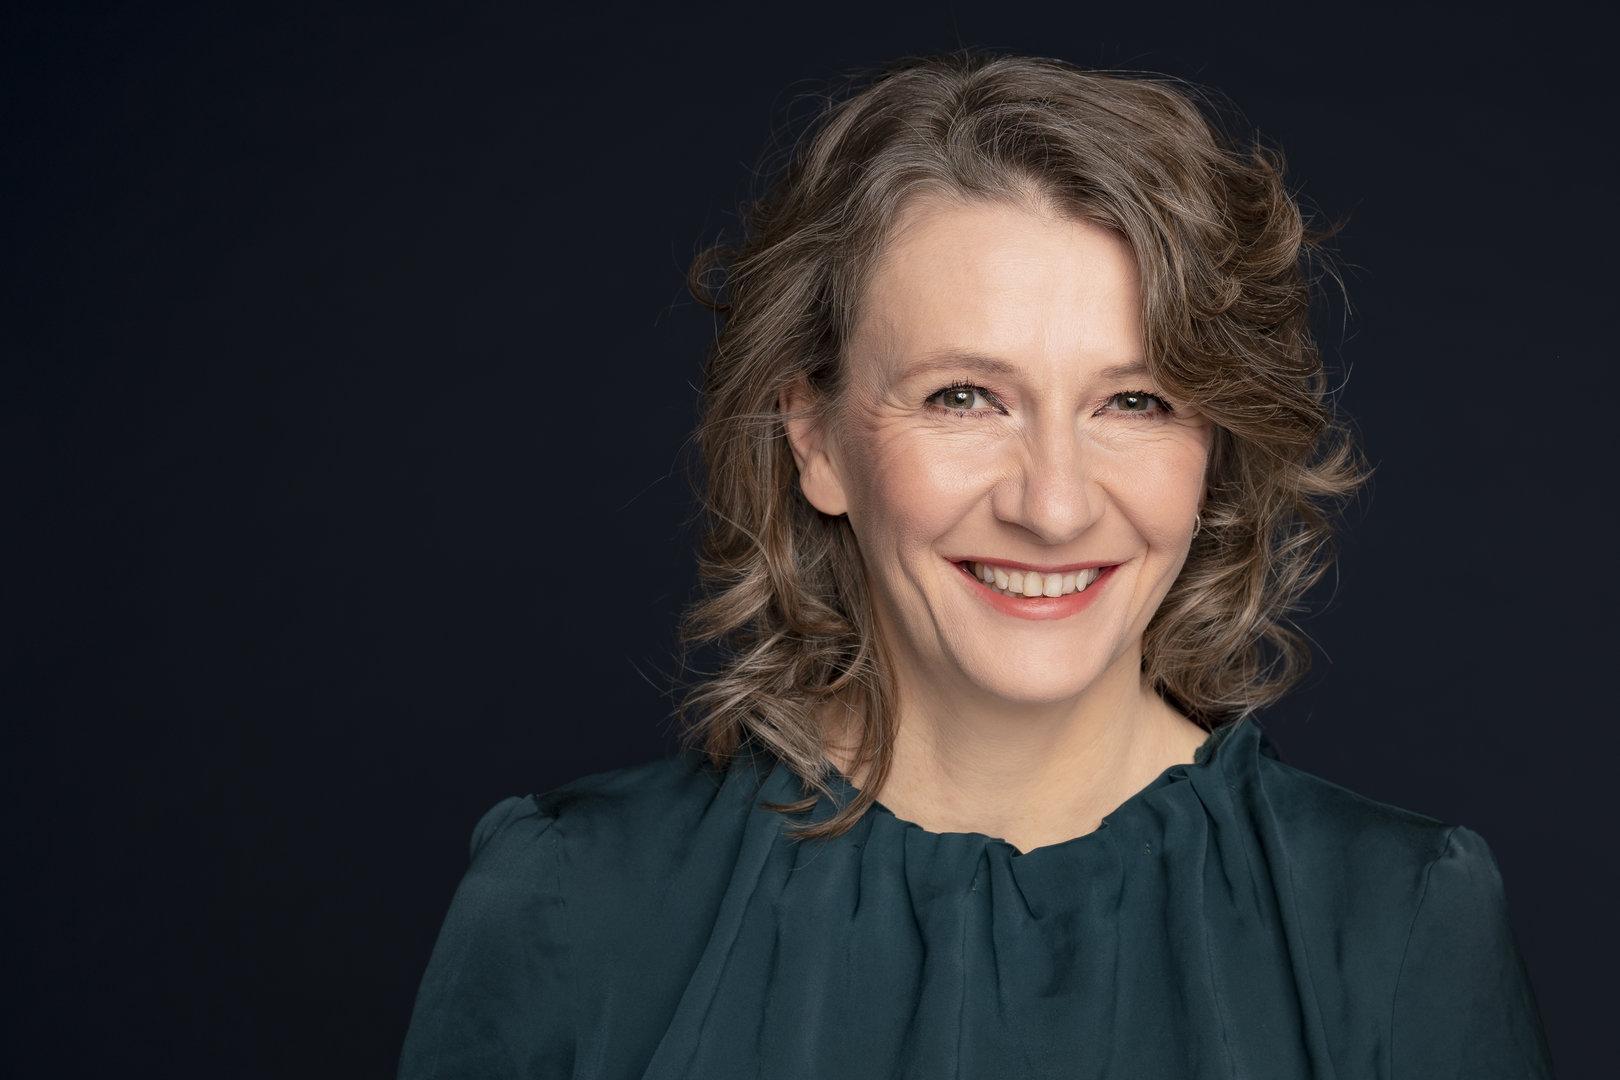 """Sängerin Birgit Denk: """"Wichtig ist, dass alle  a echte Gaudi haben"""""""